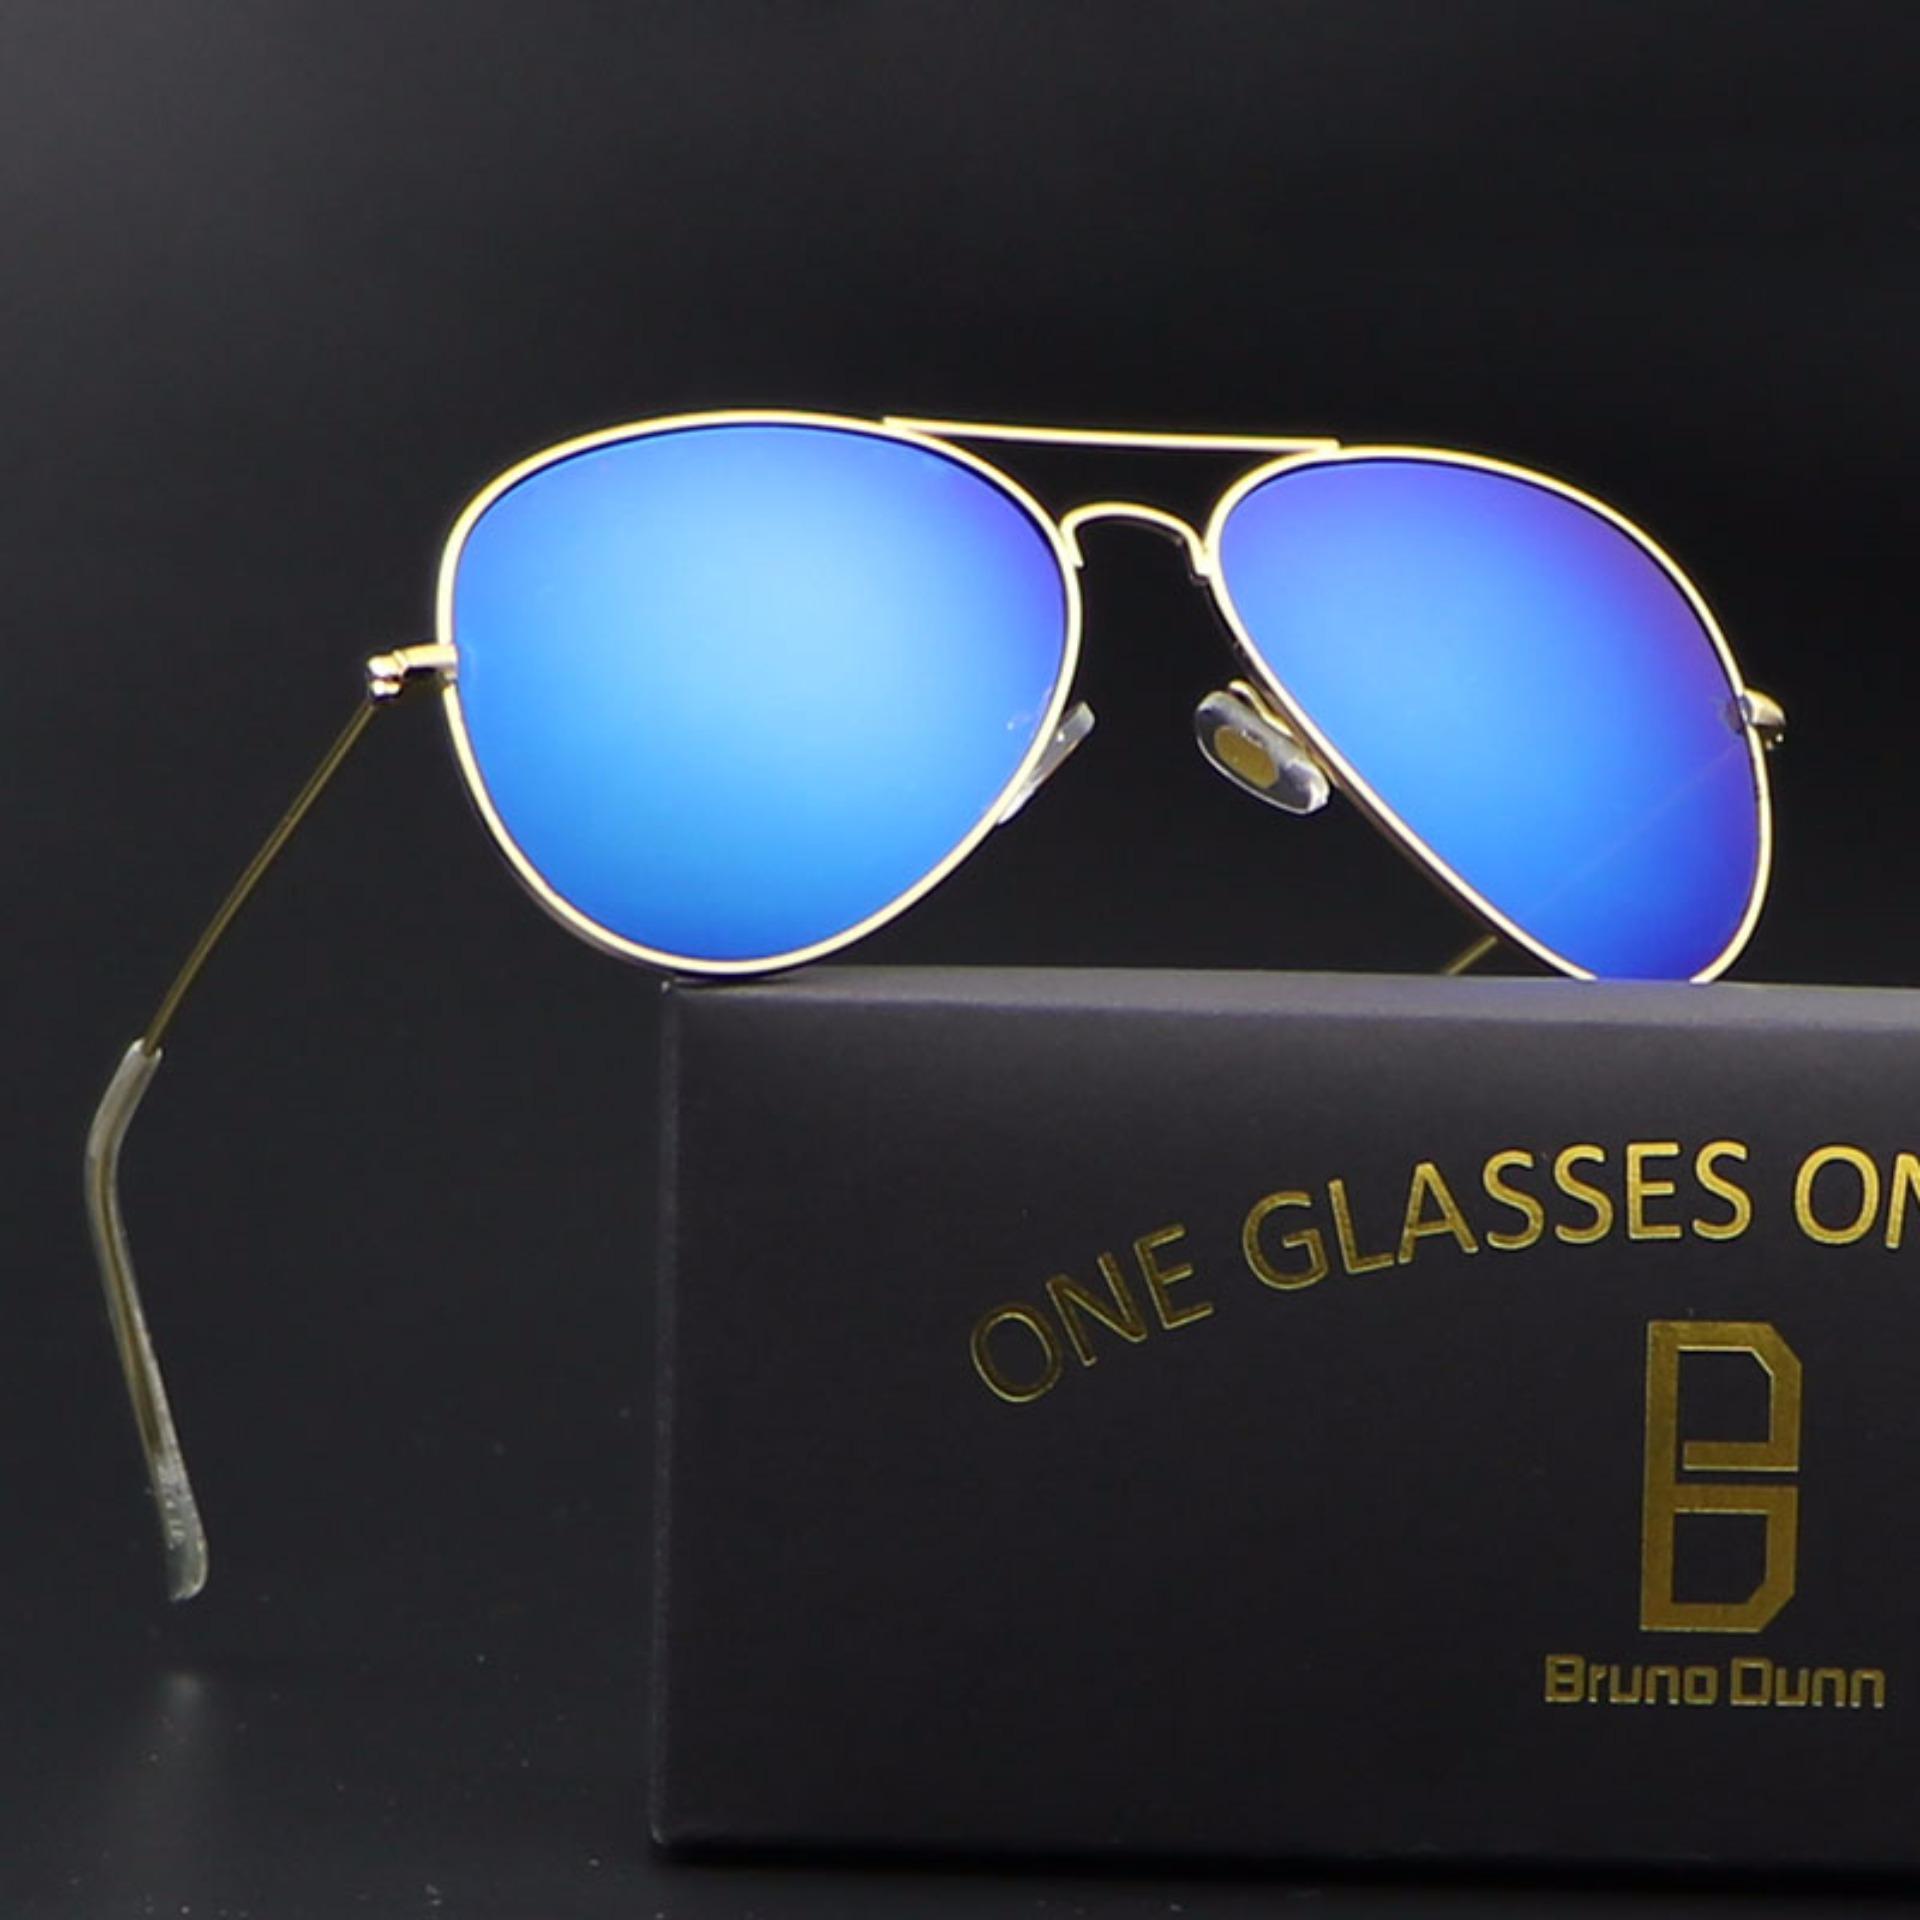 bruno dunn women men polarized aviator 3025 sunglasses (gold frame blue lense .